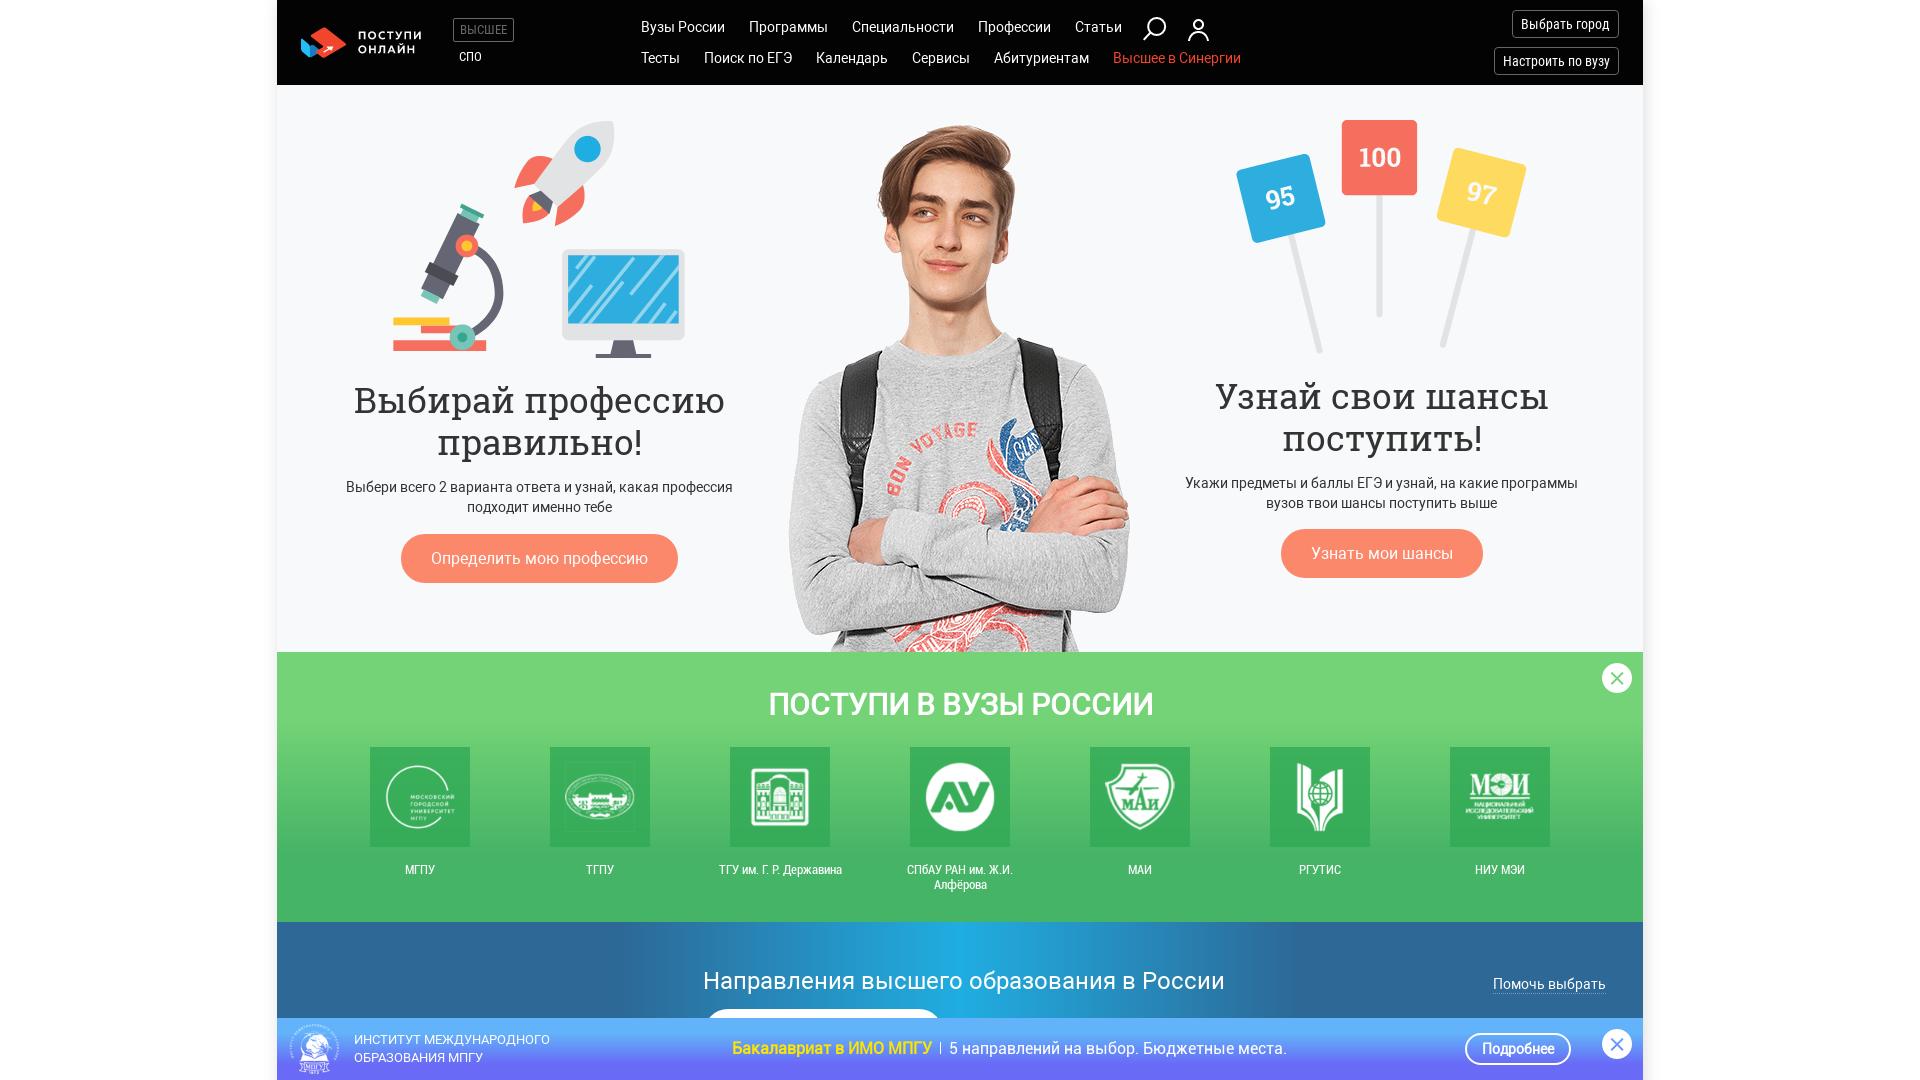 Postupi.online website